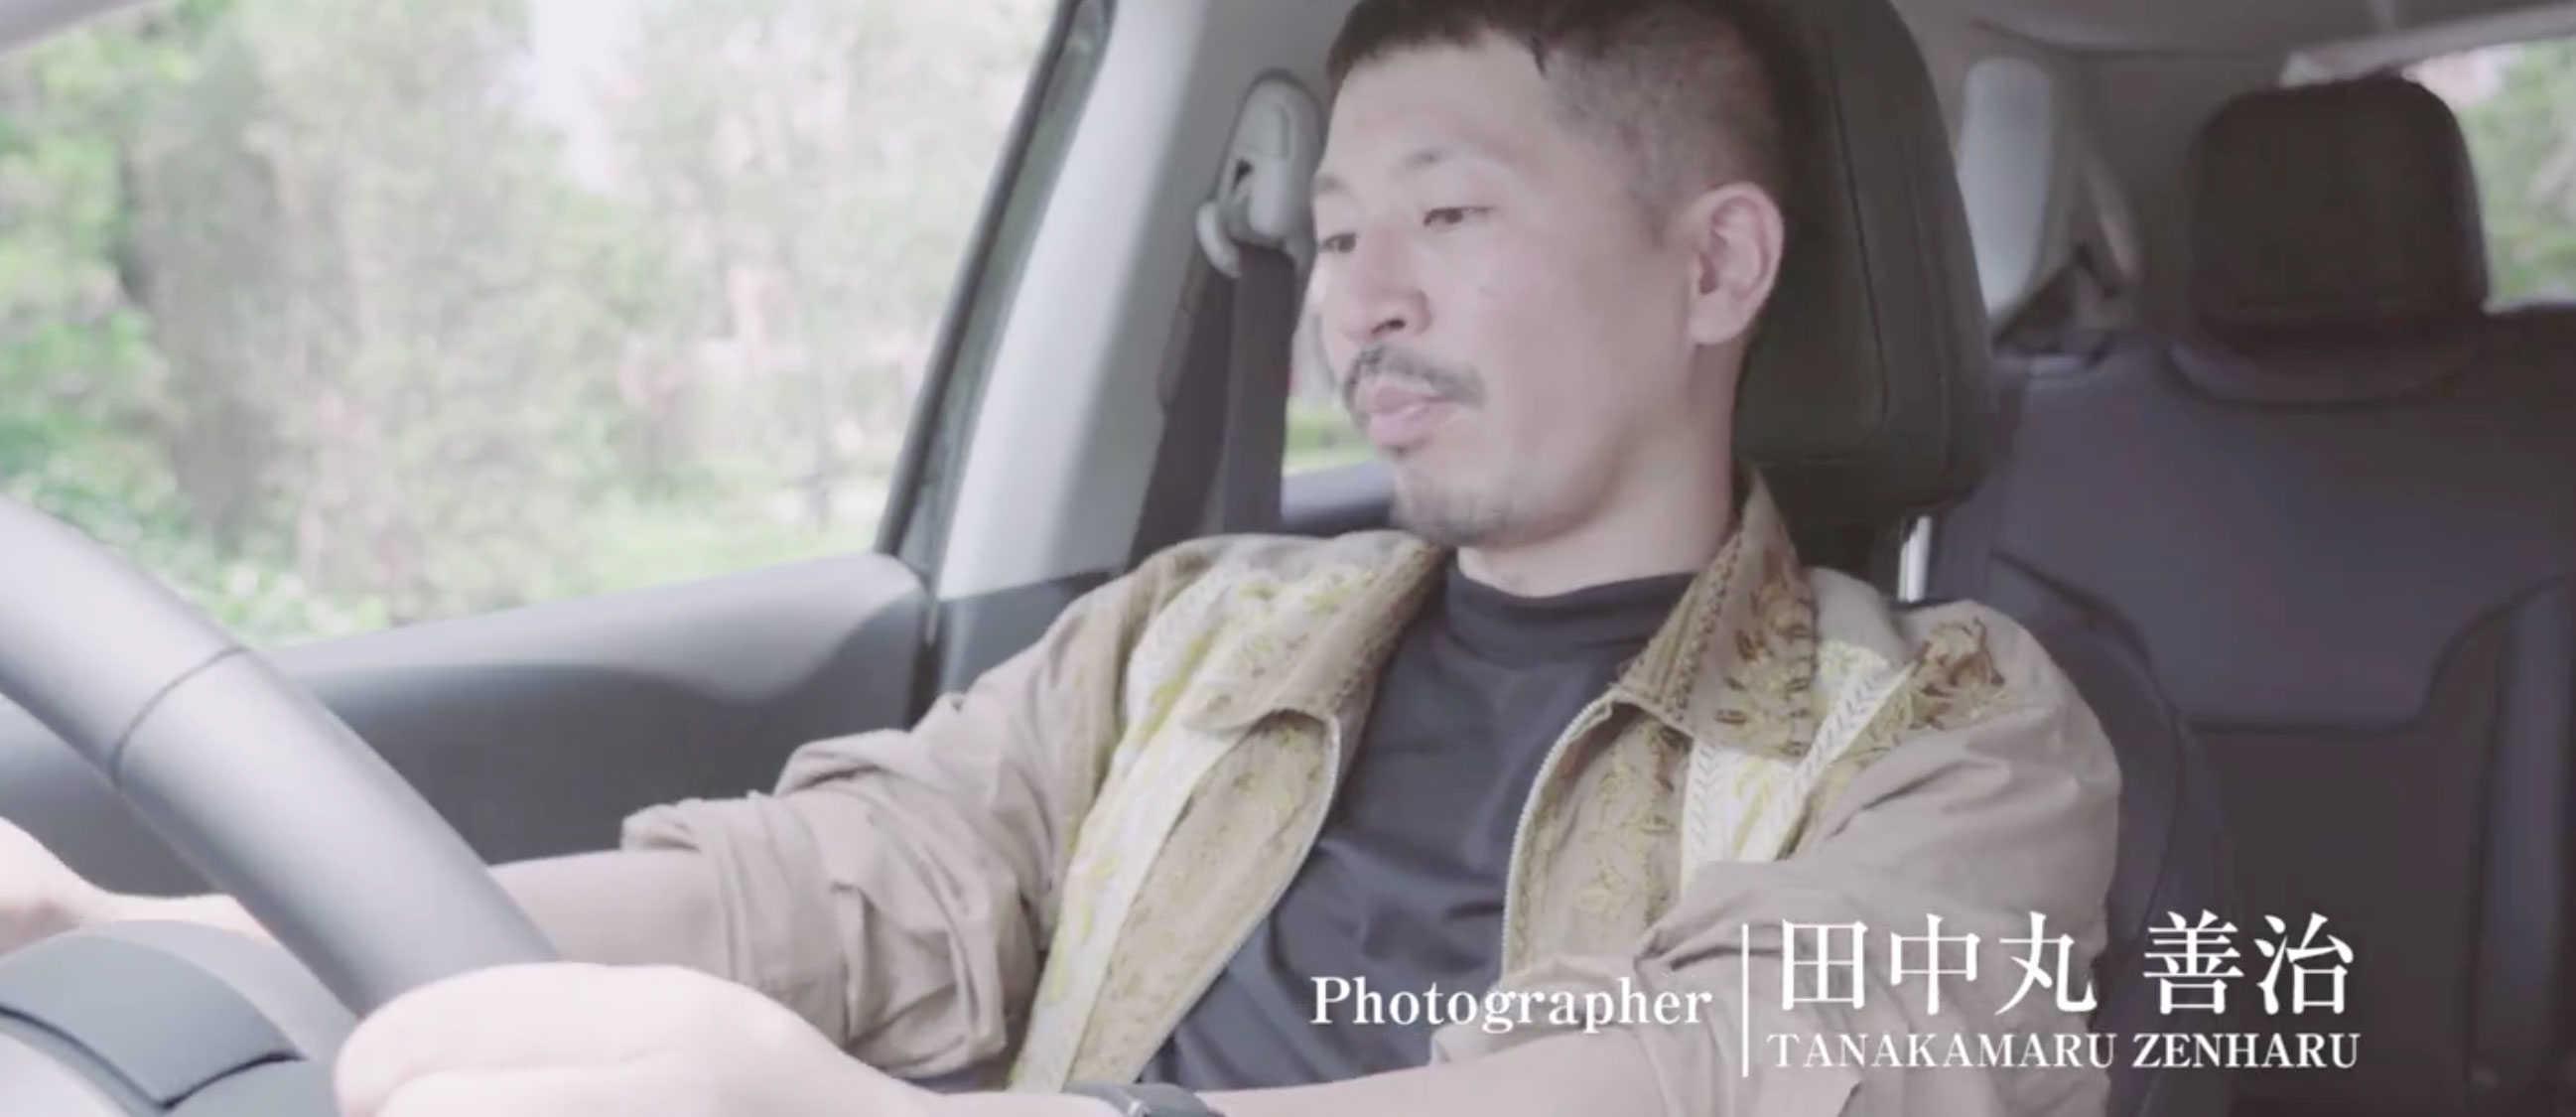 """『Safari』『Urban Safari』×〈ジープ〉写真家・田中丸善治さんが試乗した""""コンパス""""と""""グランドチェロキー""""の特別動画を公開!"""